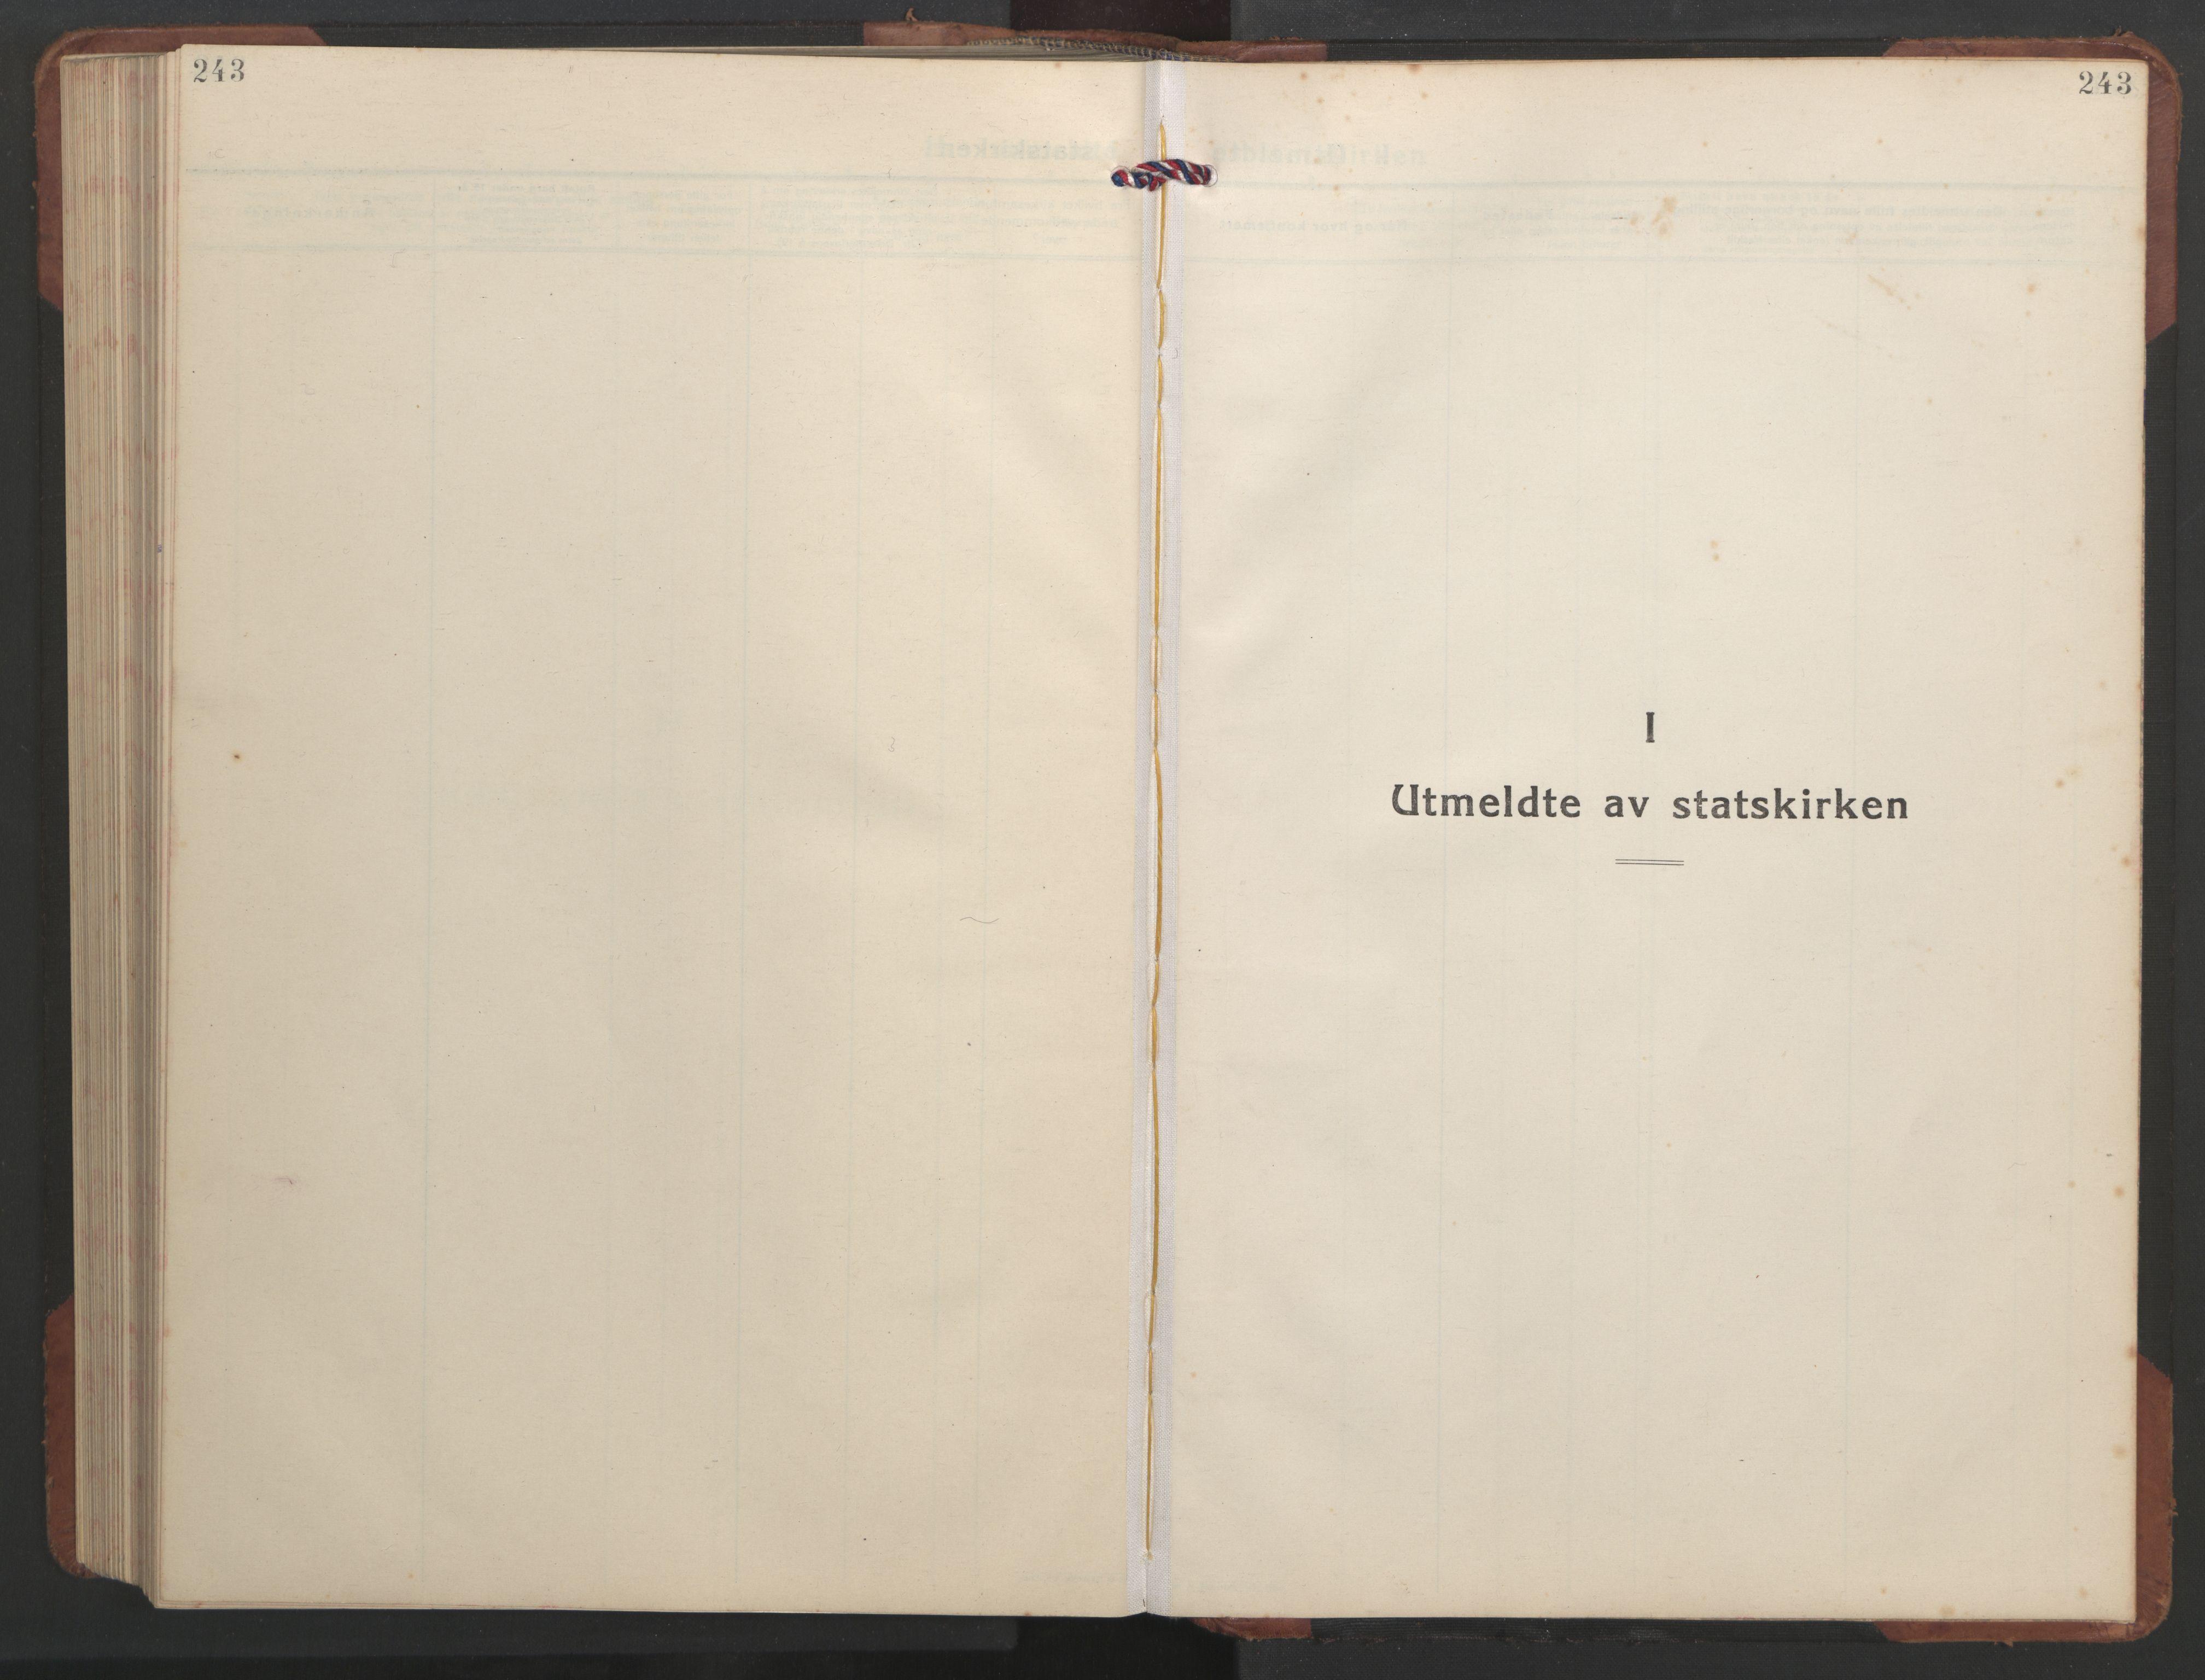 SAT, Ministerialprotokoller, klokkerbøker og fødselsregistre - Sør-Trøndelag, 637/L0564: Klokkerbok nr. 637C05, 1928-1968, s. 243